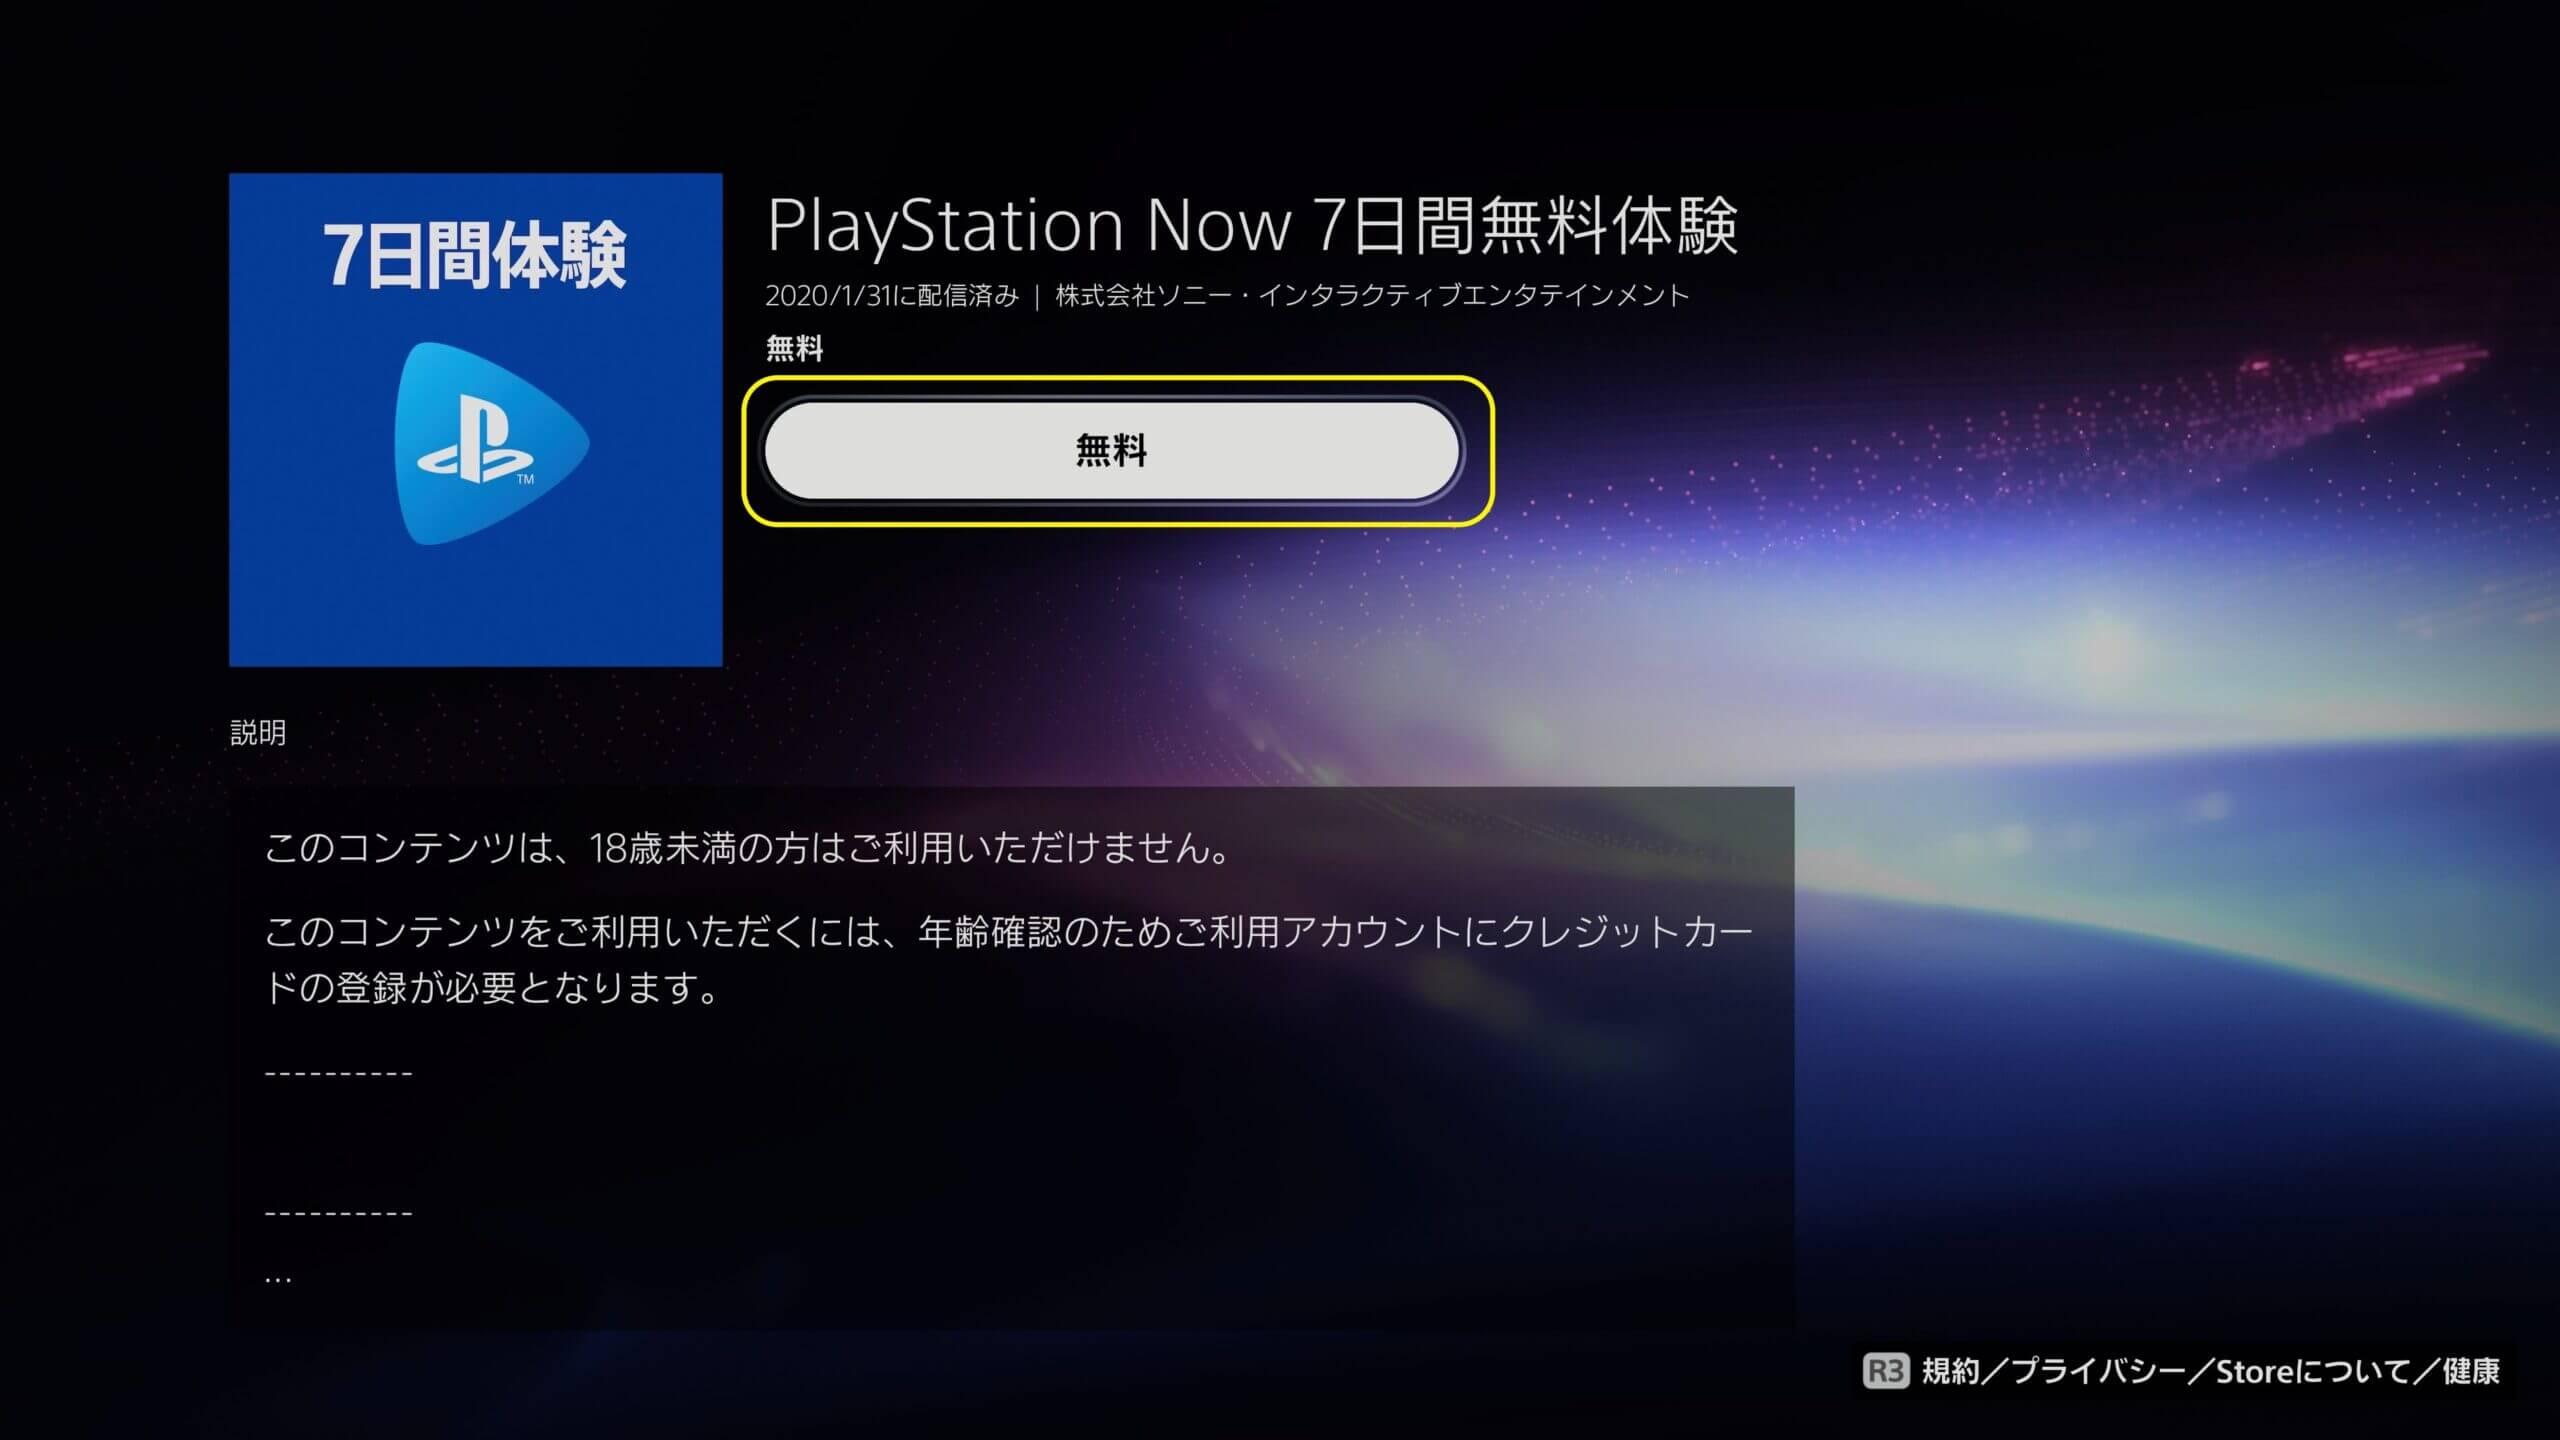 PSNow 7日間無料体験